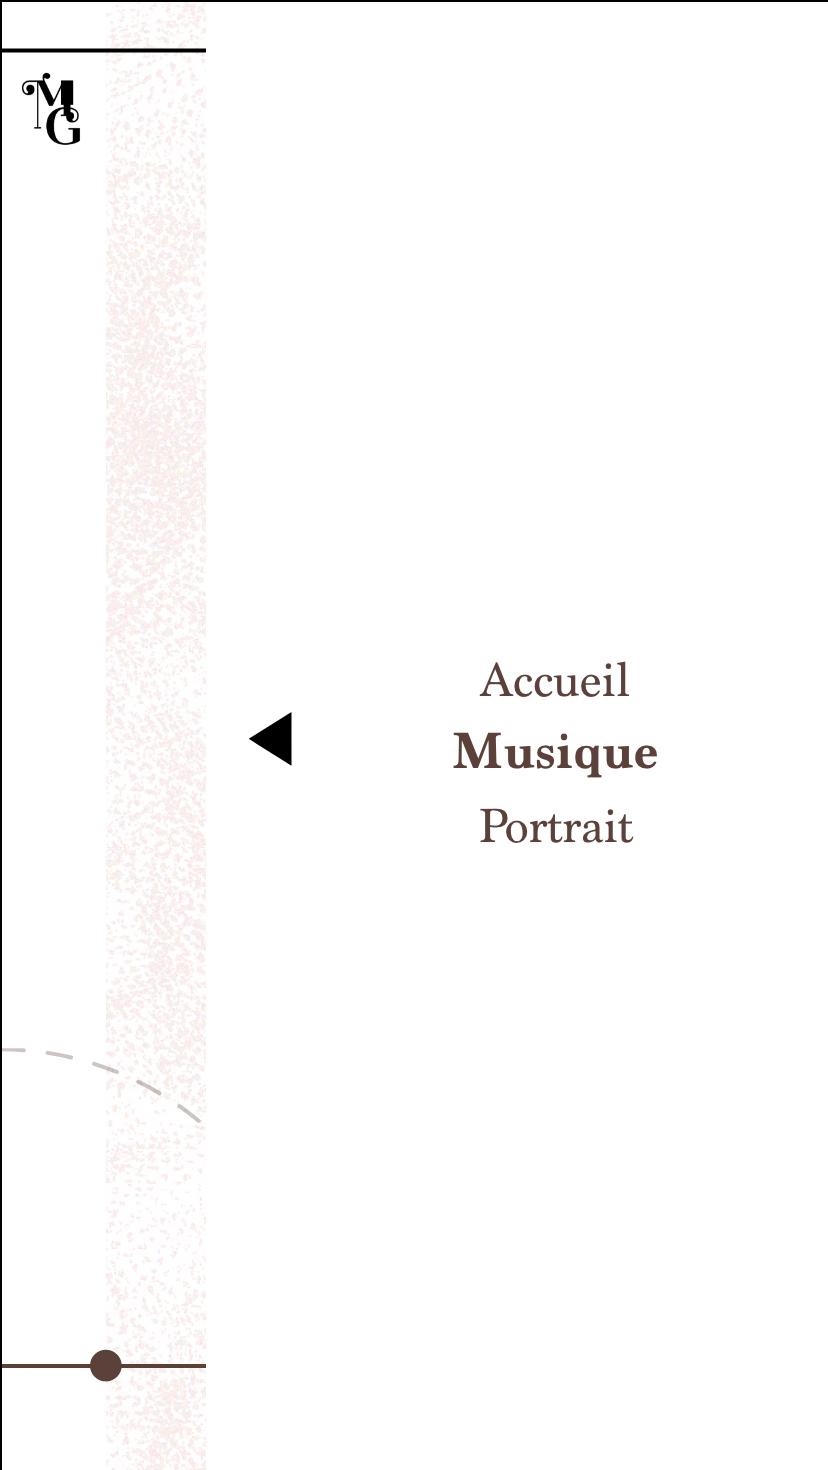 code css design HTML JavaScript music portfolio UI ux Webdesign